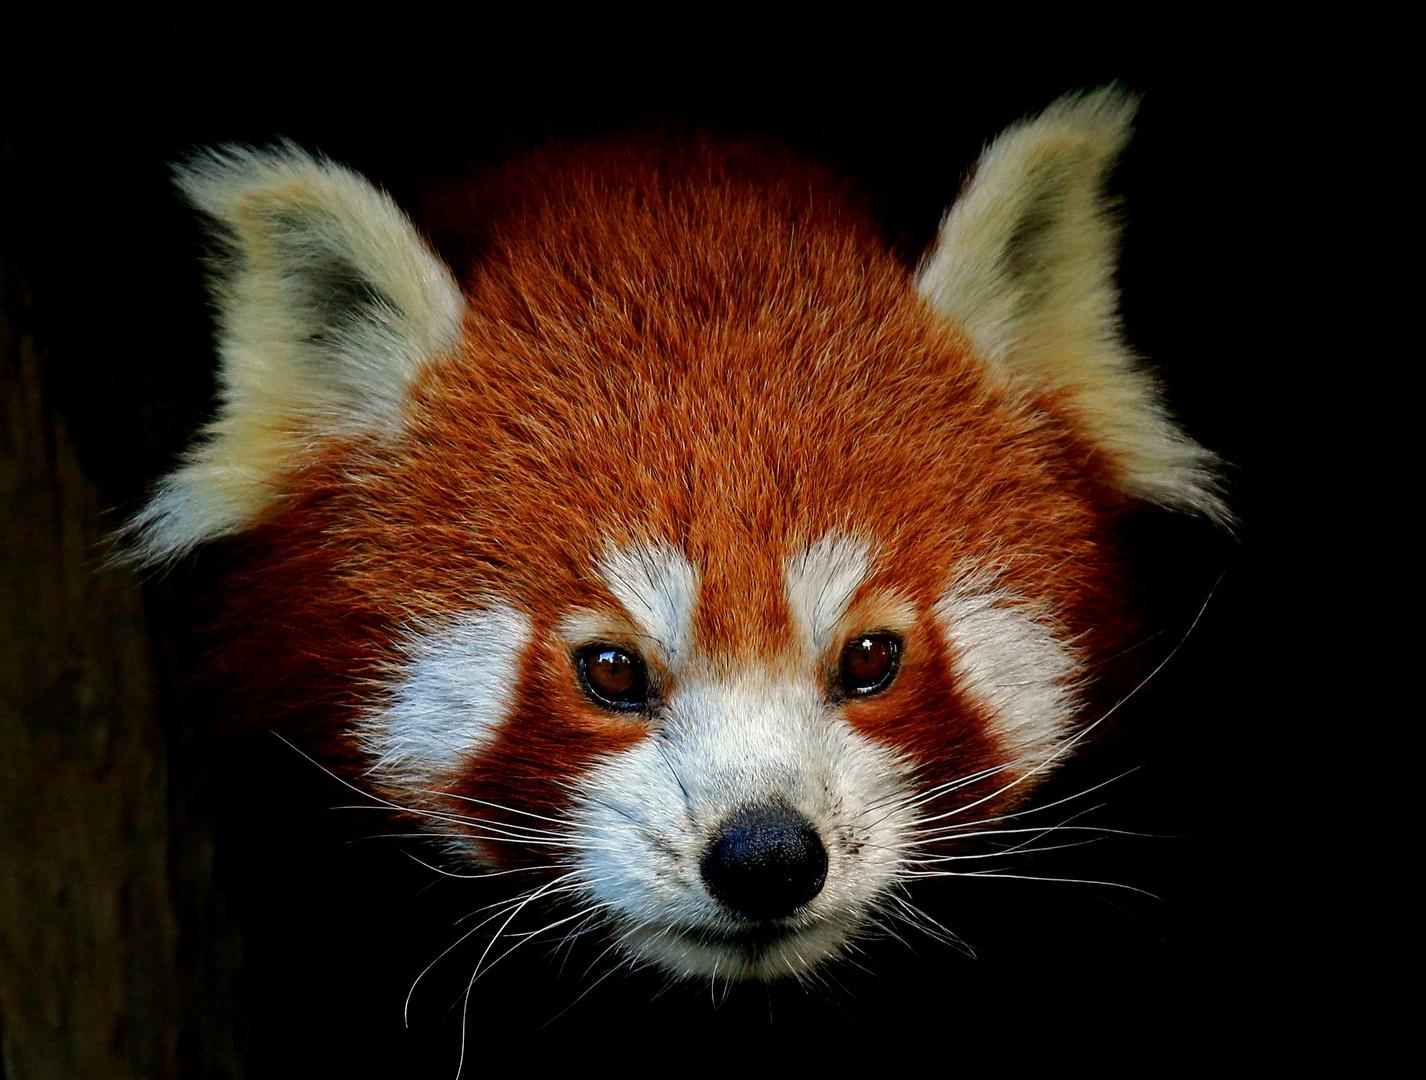 kleiner panda foto bild tiere zoo wildpark falknerei s ugetiere bilder auf fotocommunity. Black Bedroom Furniture Sets. Home Design Ideas